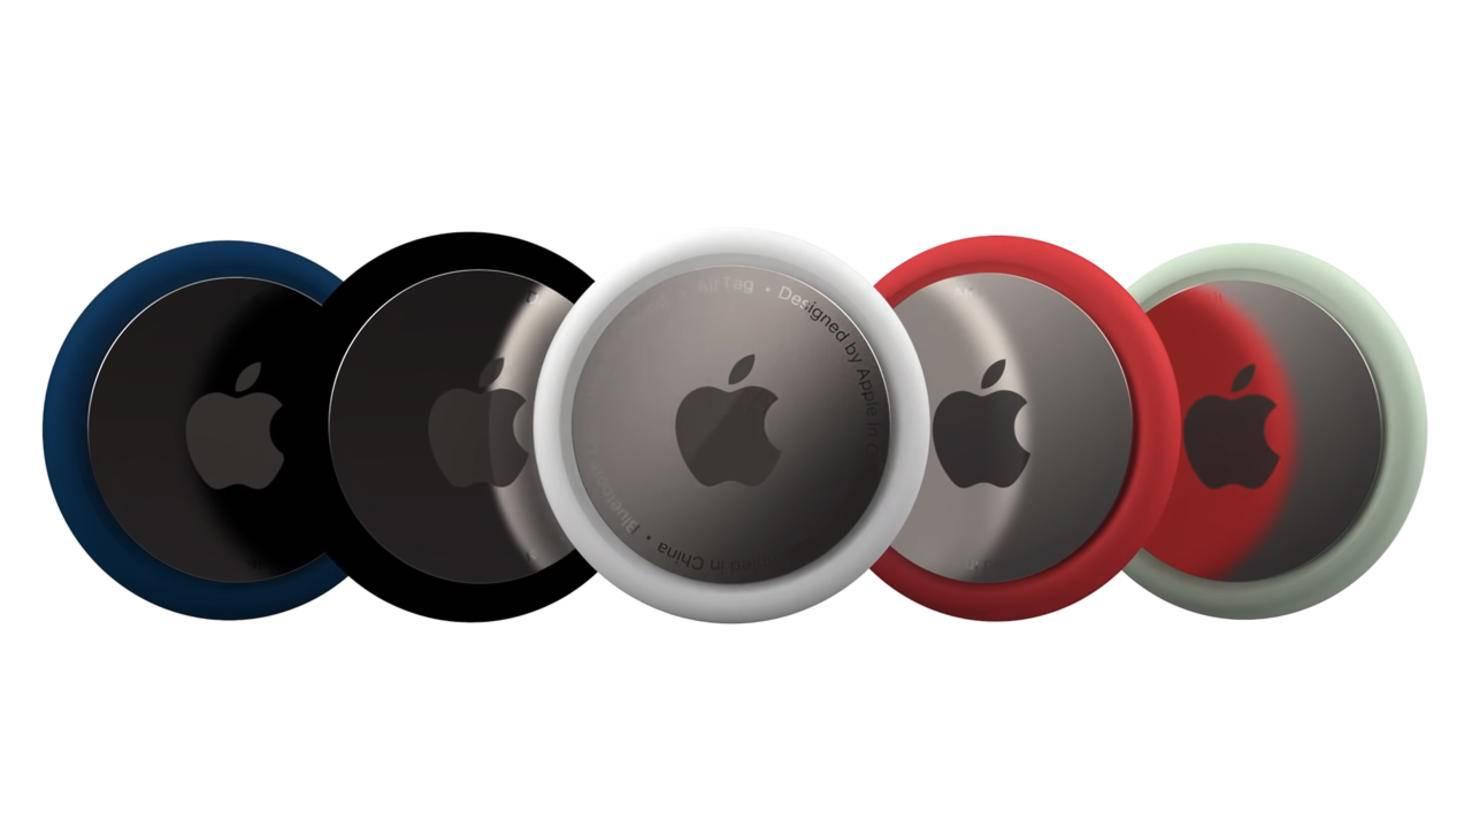 créateur de concept airtags apple